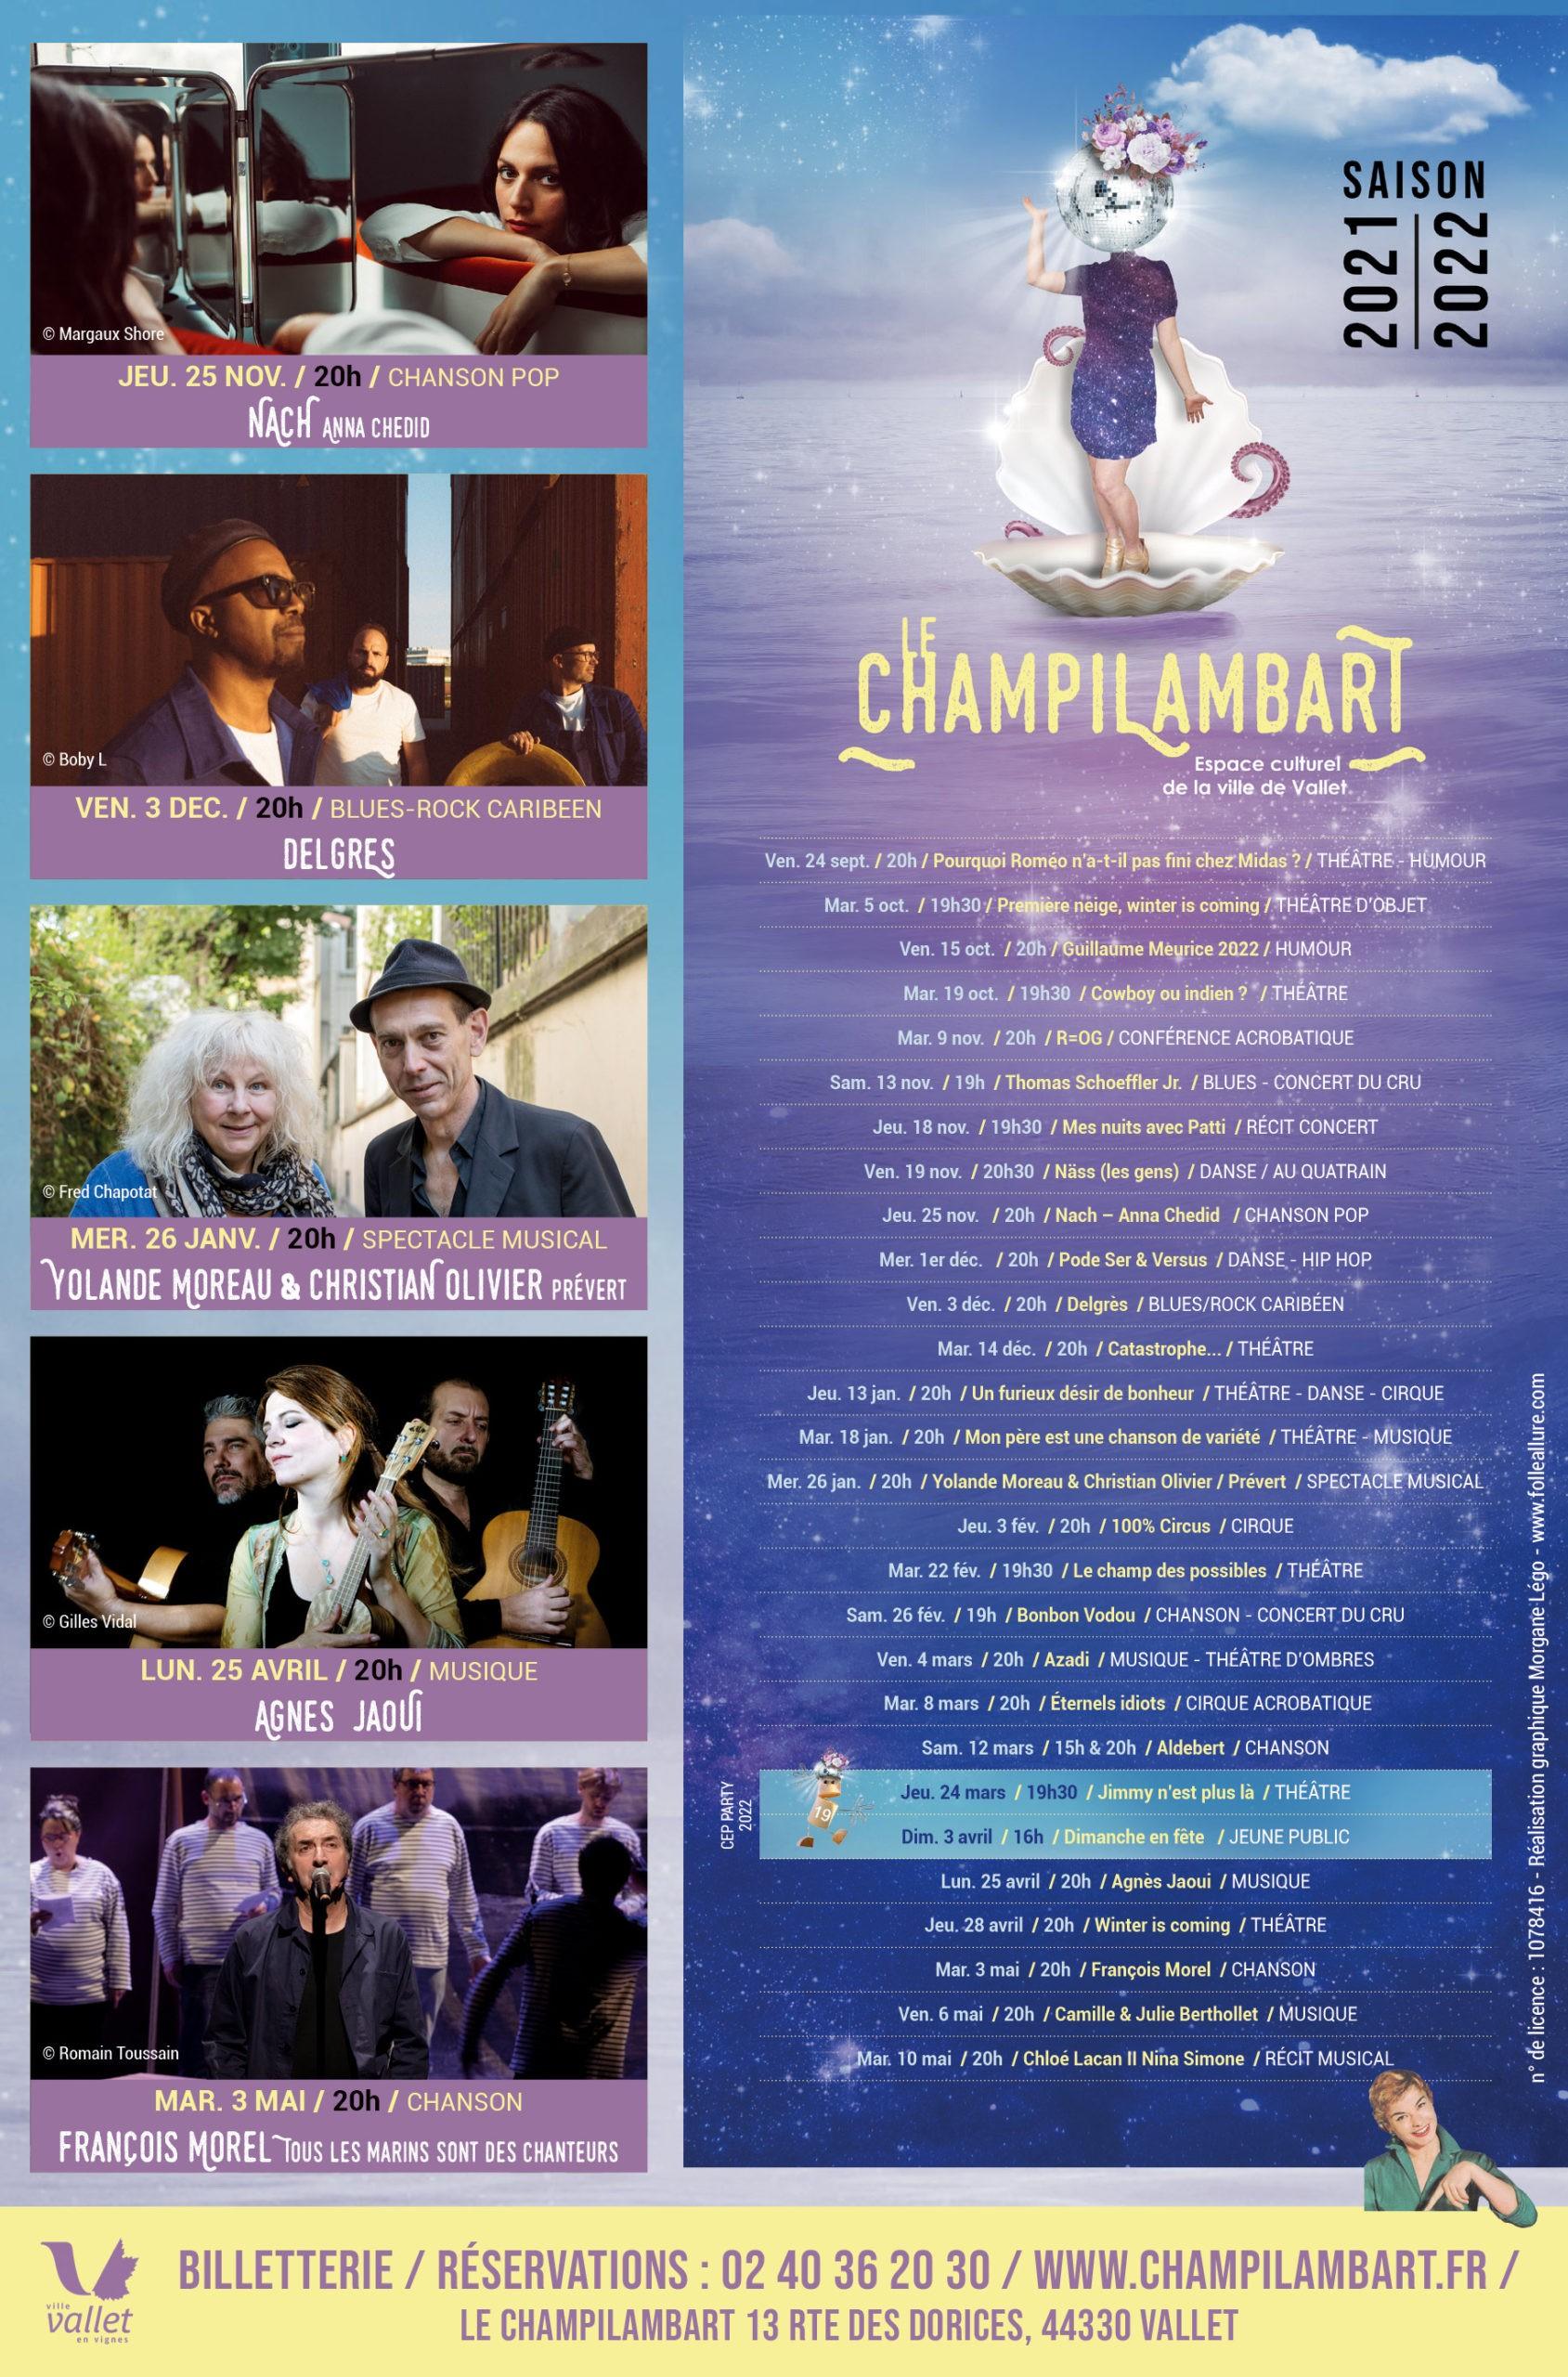 Programme 2021/2022 - Champilambart